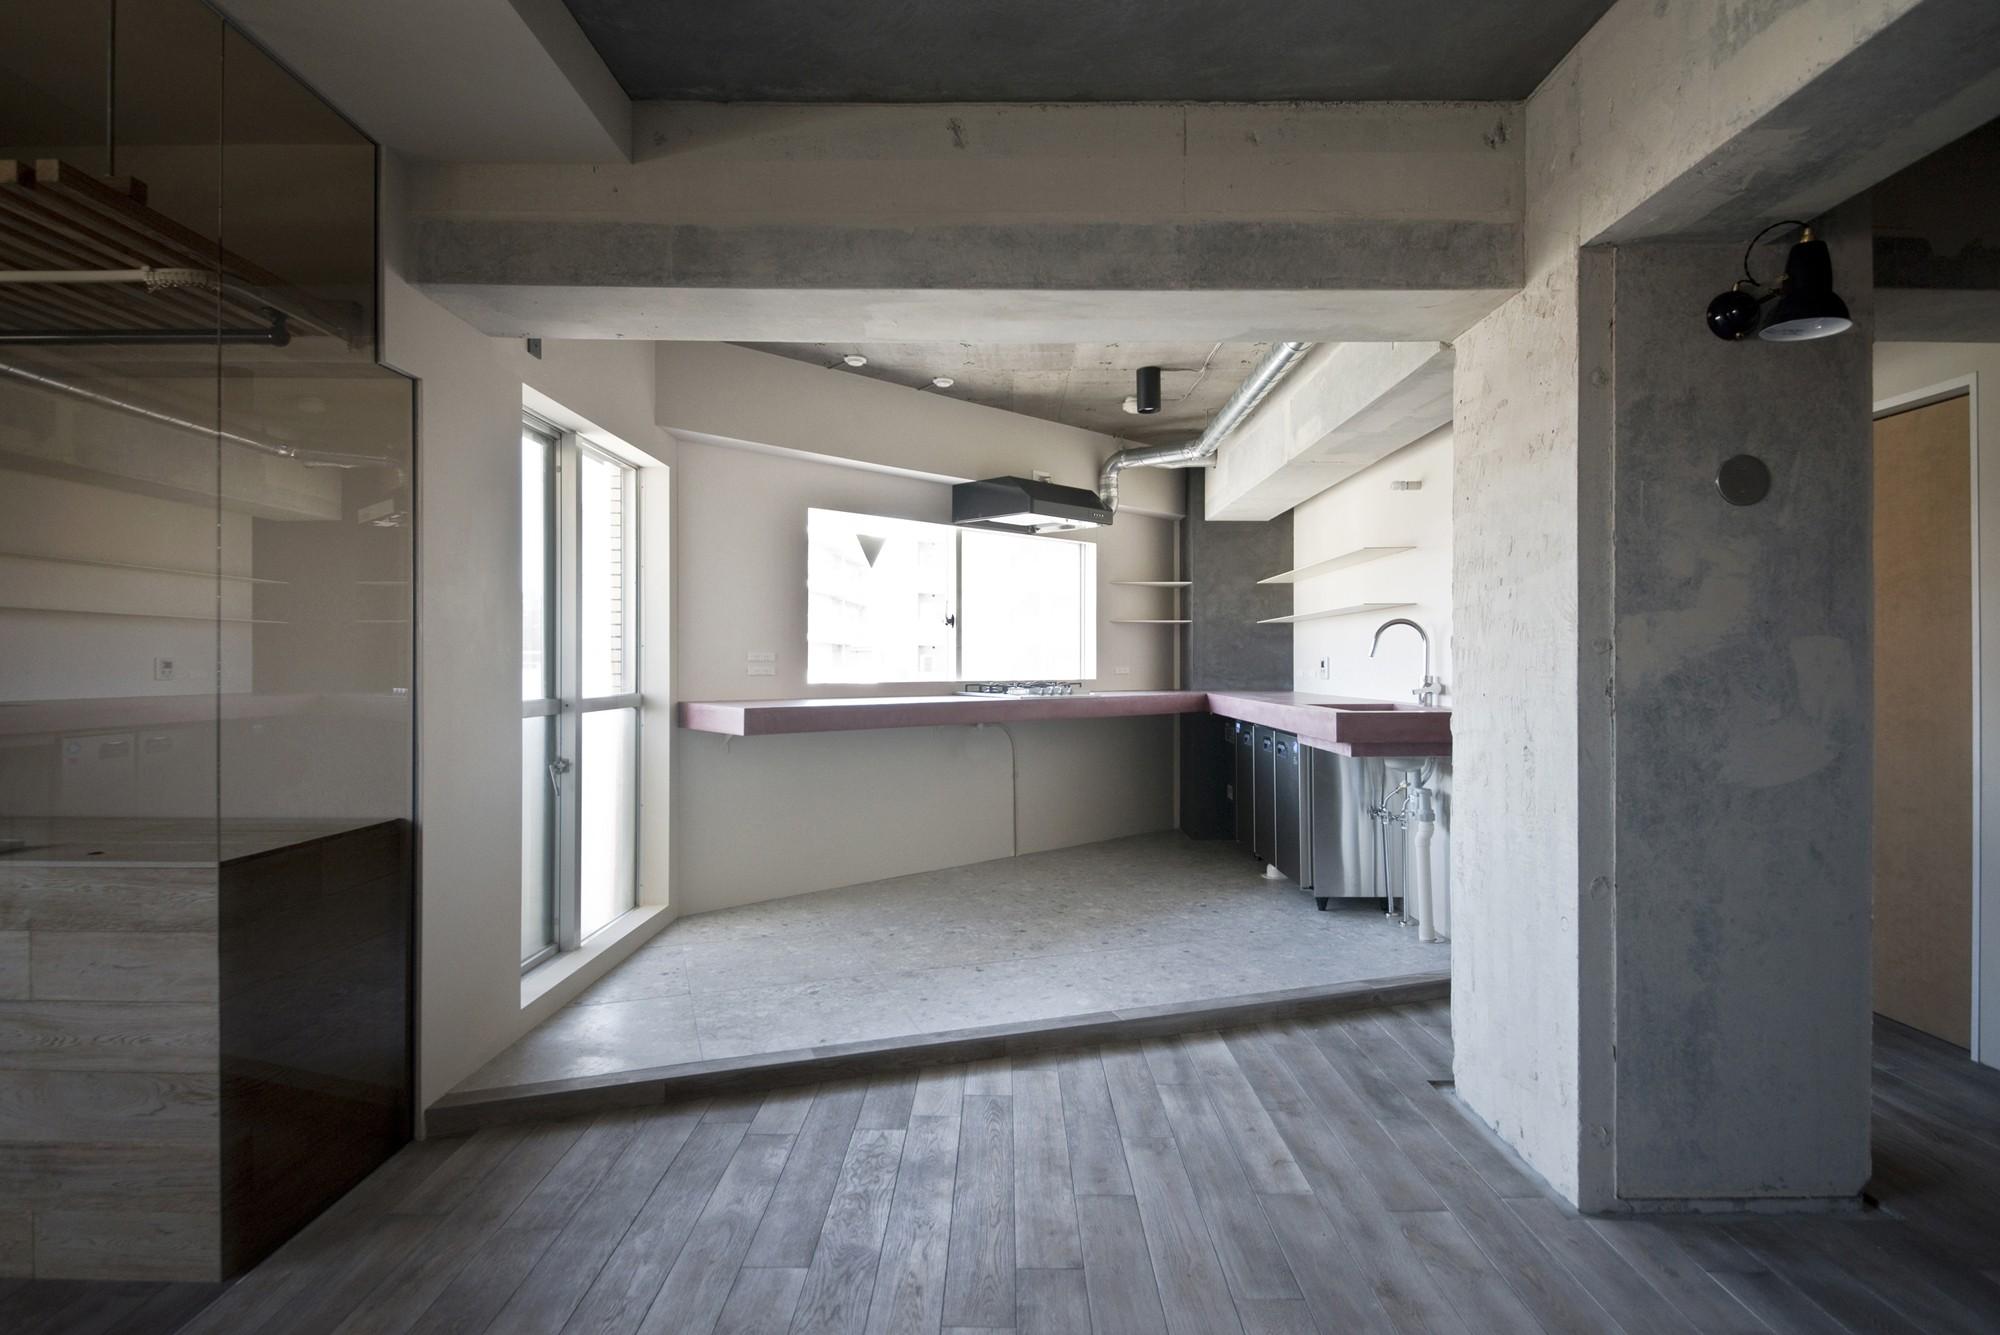 キッチン事例:キッチン(既存を活かした住宅兼レンタルスペース)